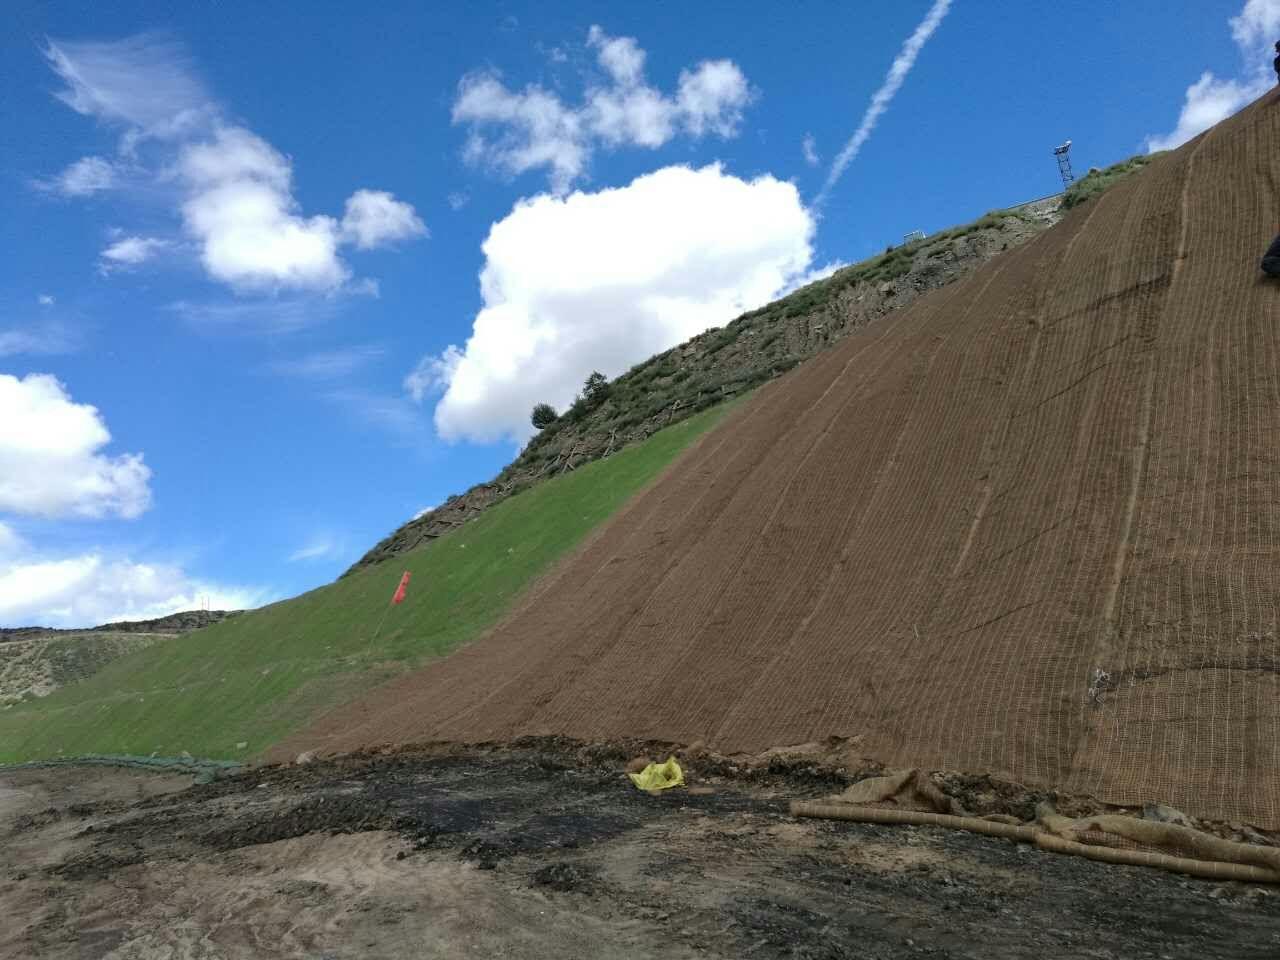 植被毯边坡绿化